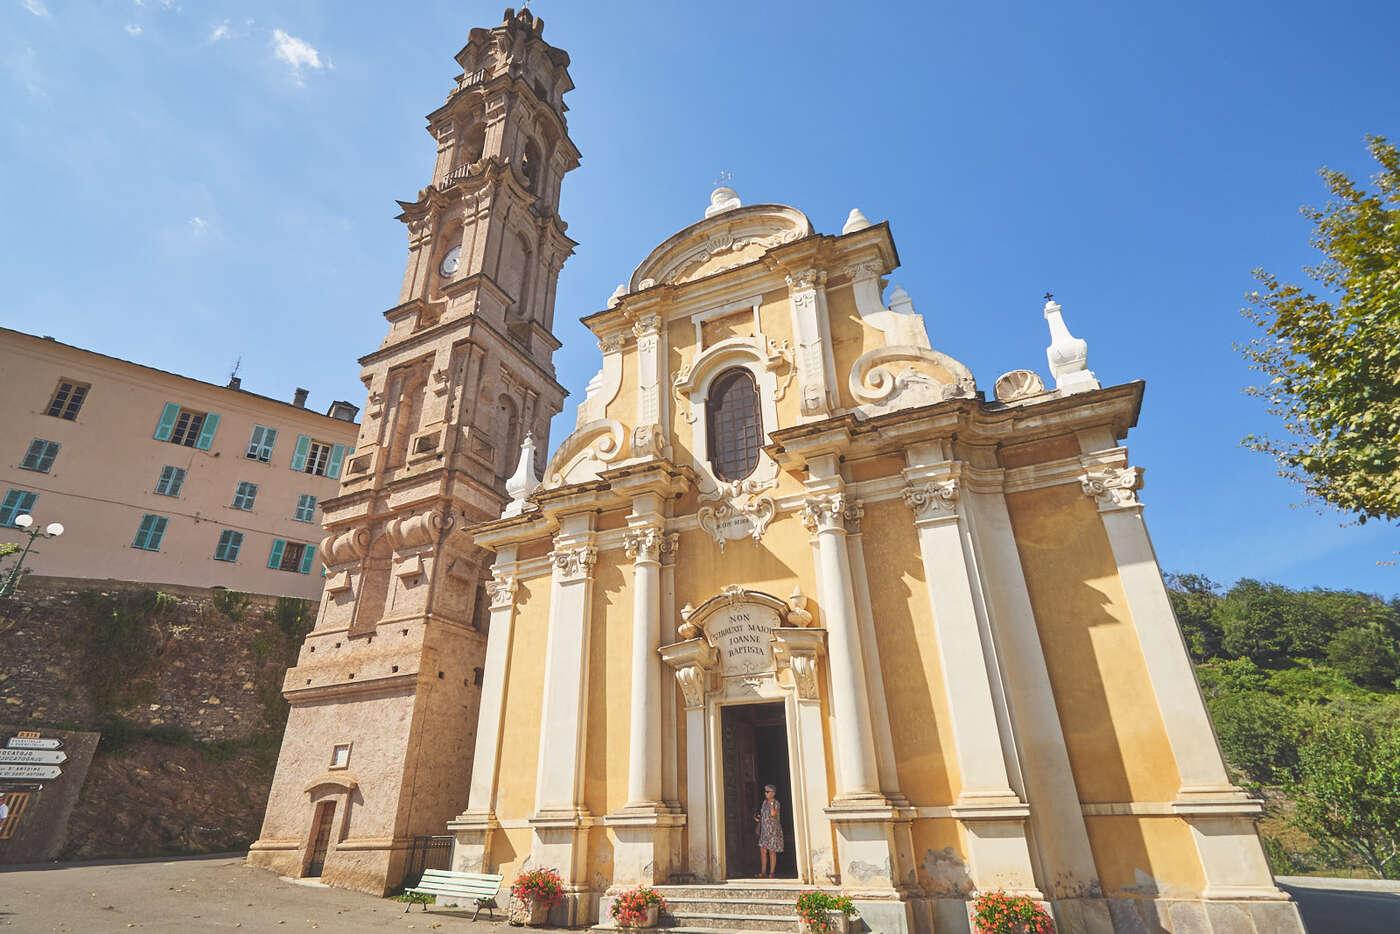 Eglise de la Porta, Castagniccia